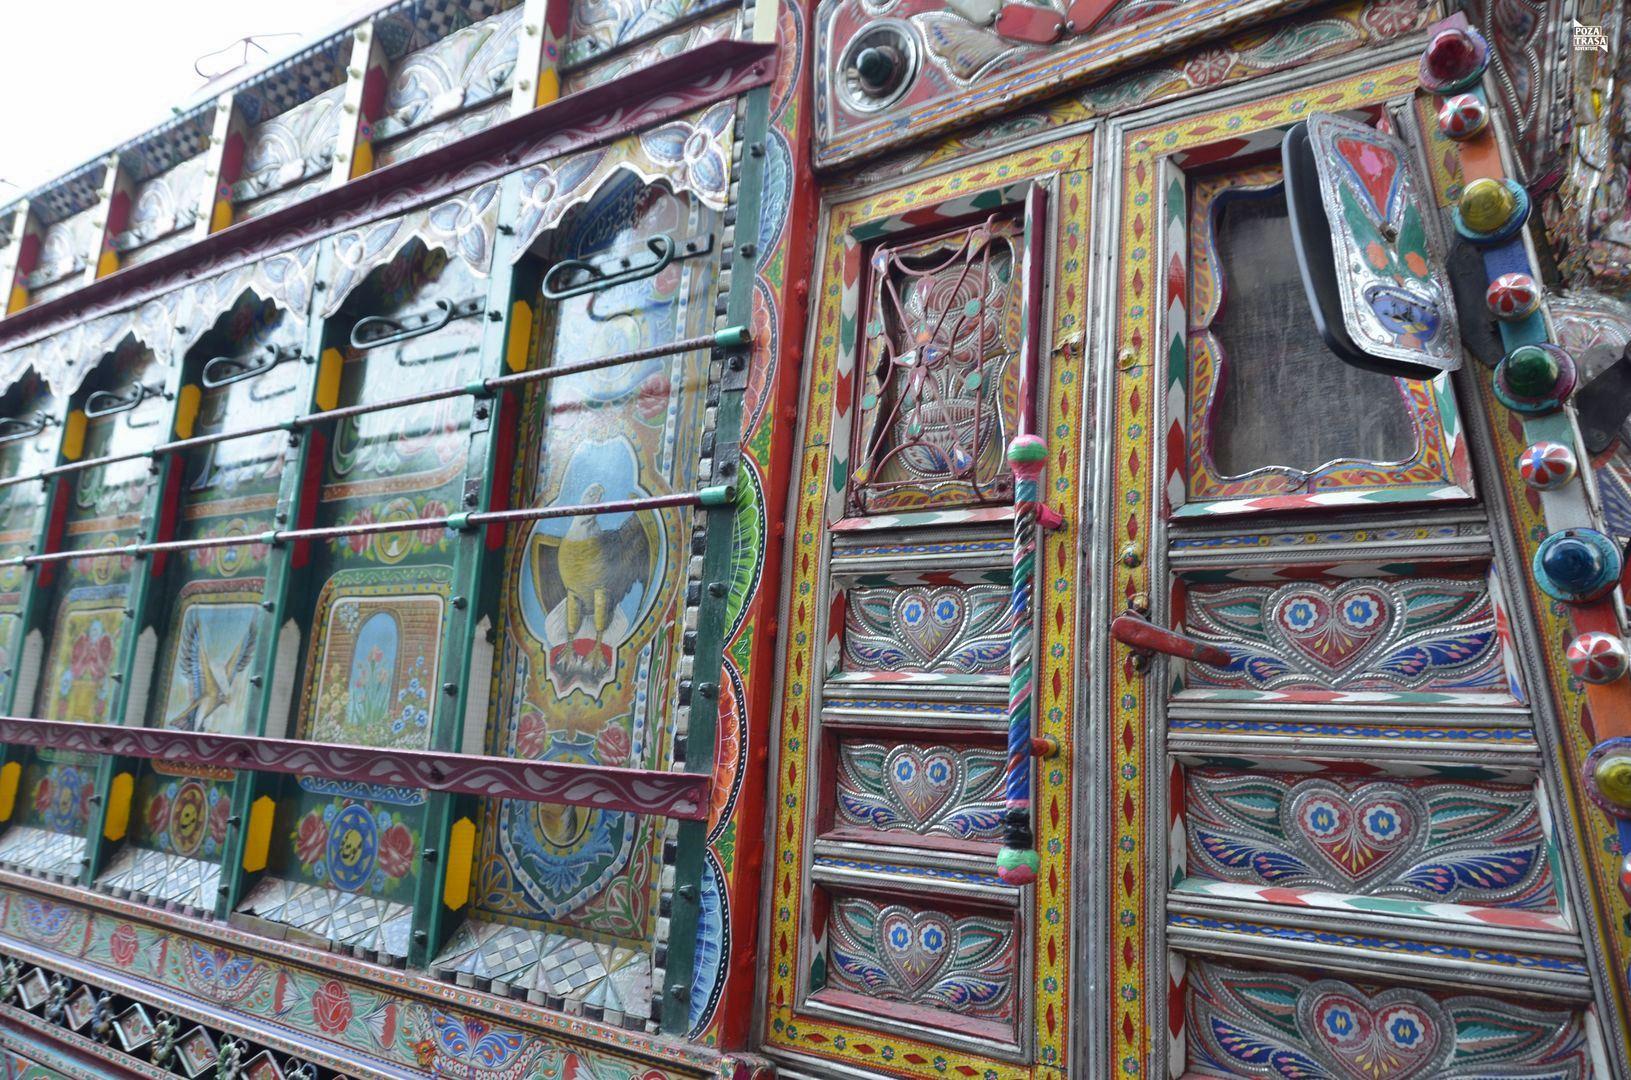 podróżując po Pakistanie